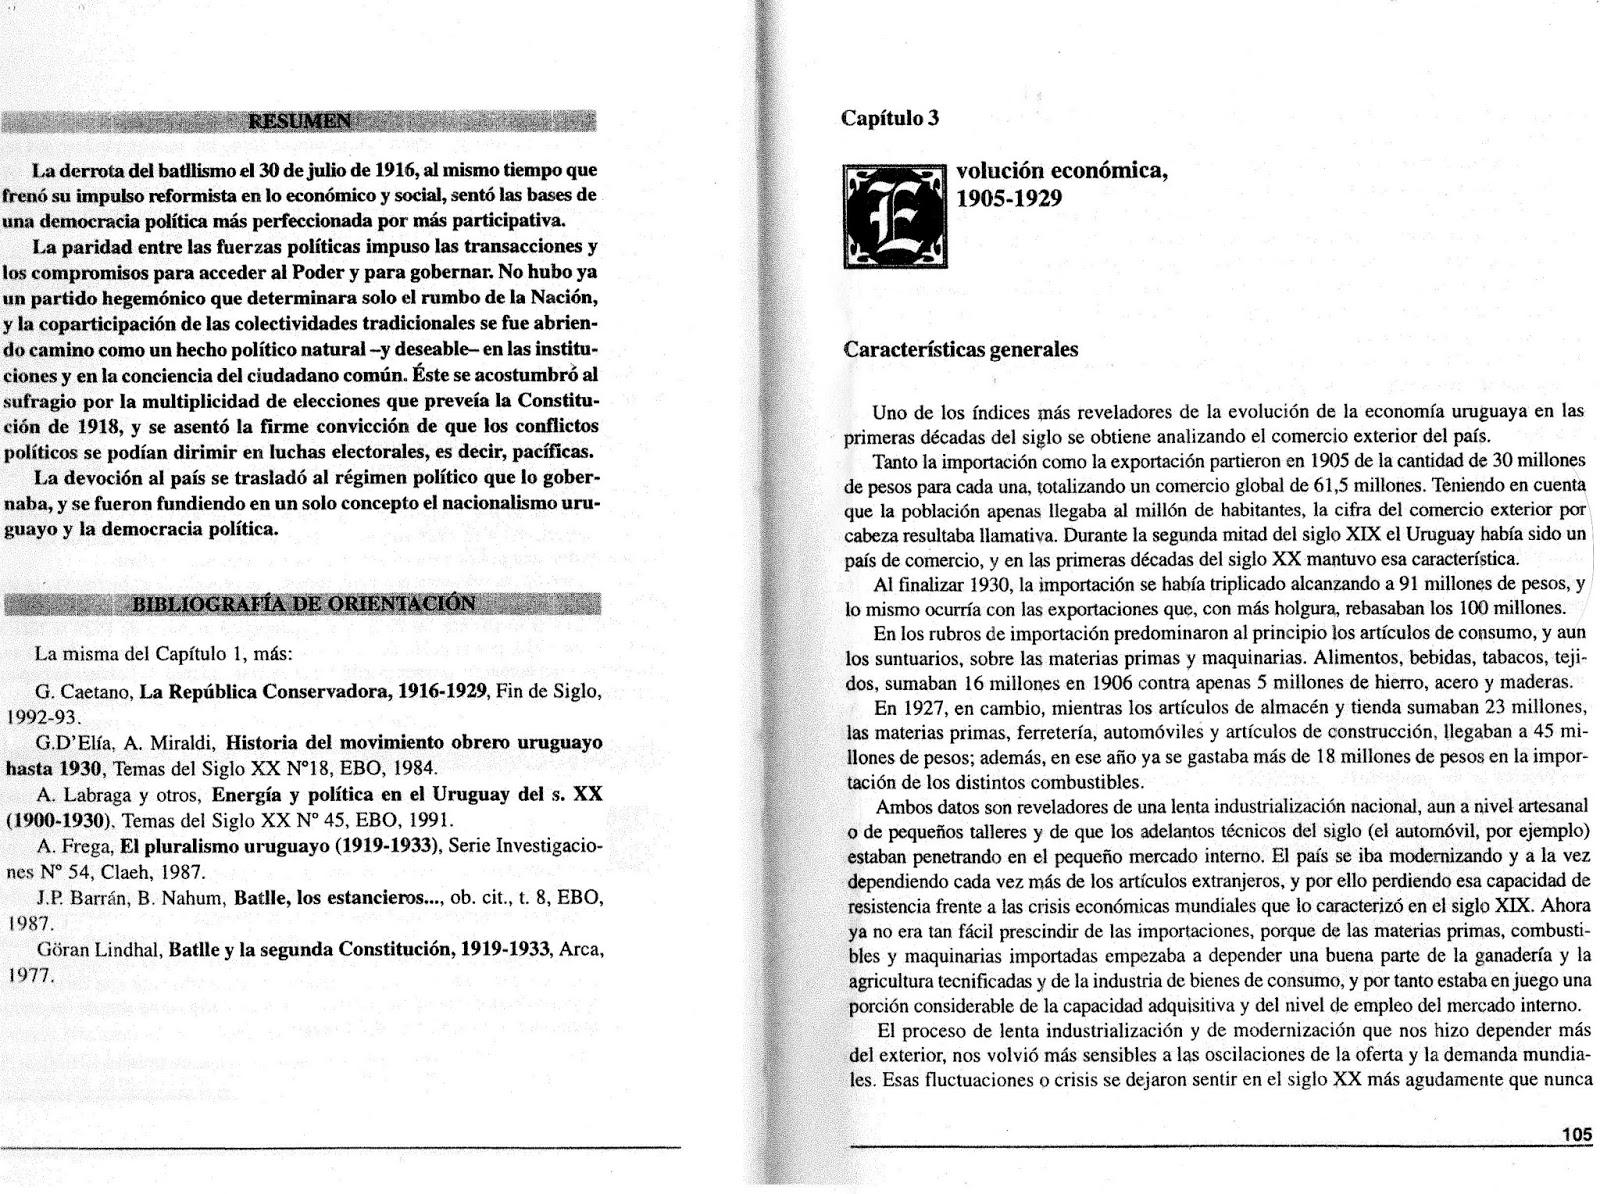 Manual de Historia Nacional- Tomo II 1903-2000 Benjamín Nahum. Editoral  Banda Oriental. Montevideo. Uruguay